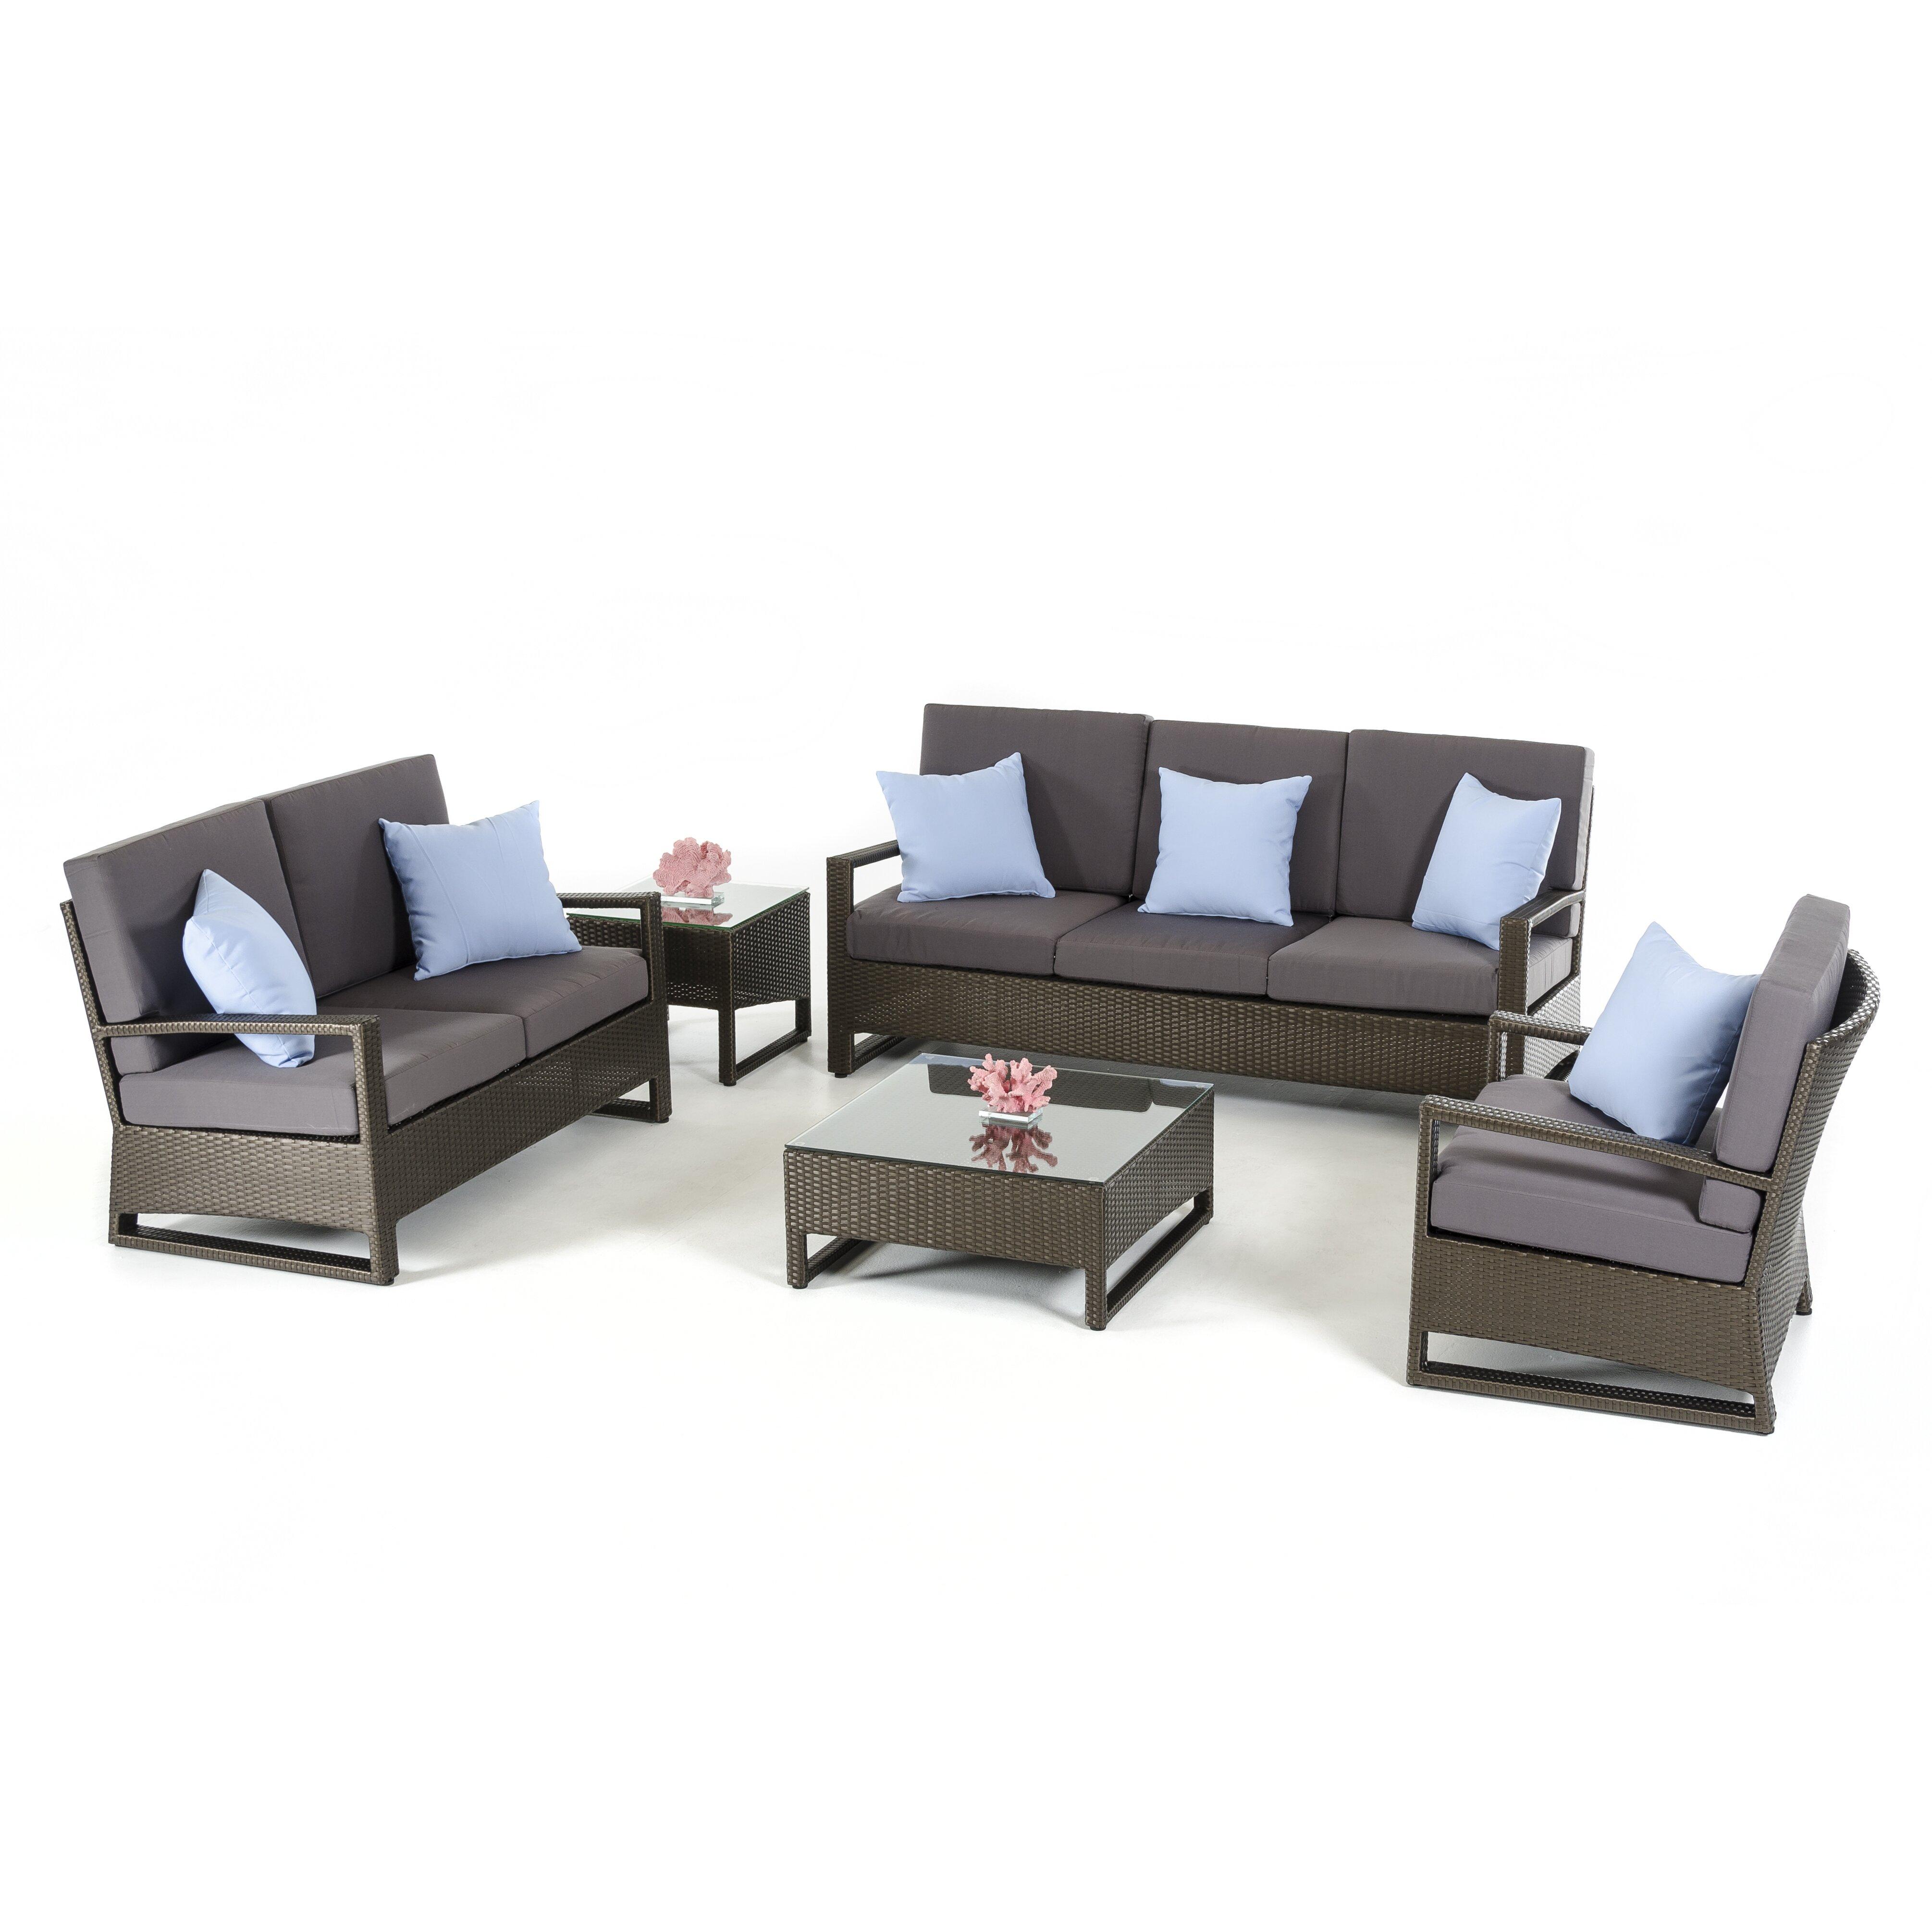 Vig Furniture Renava Lavita 5 Piece Lounge Seating Group Wayfair